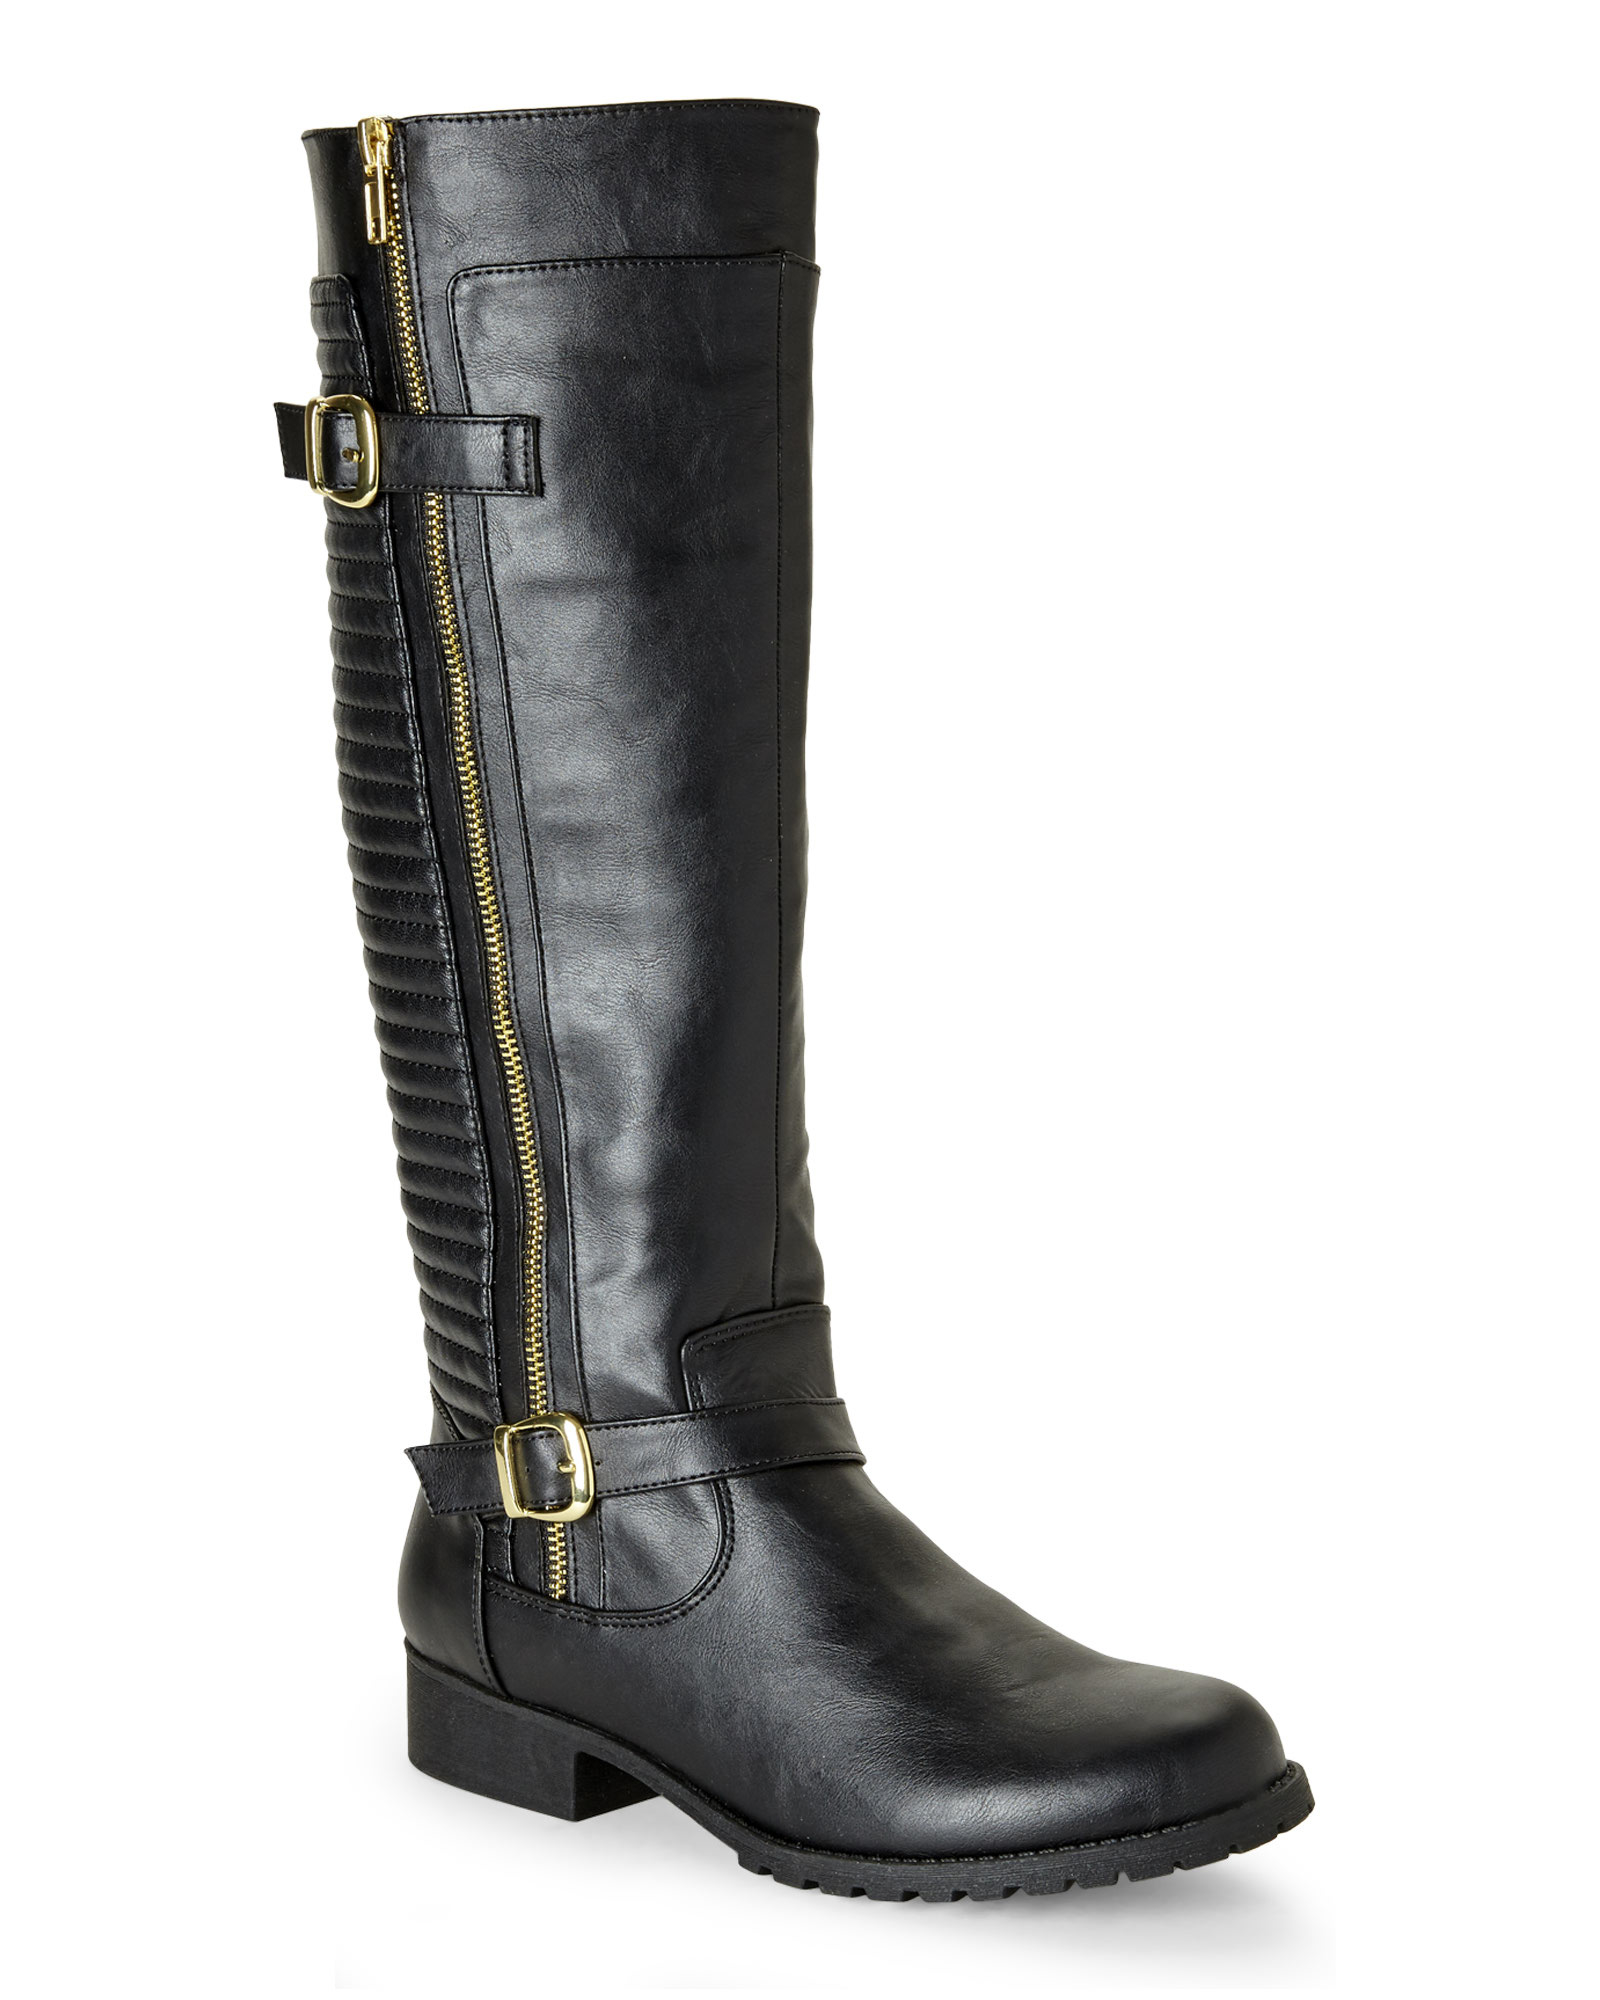 steve madden black quincy quilted biker boots in black lyst. Black Bedroom Furniture Sets. Home Design Ideas